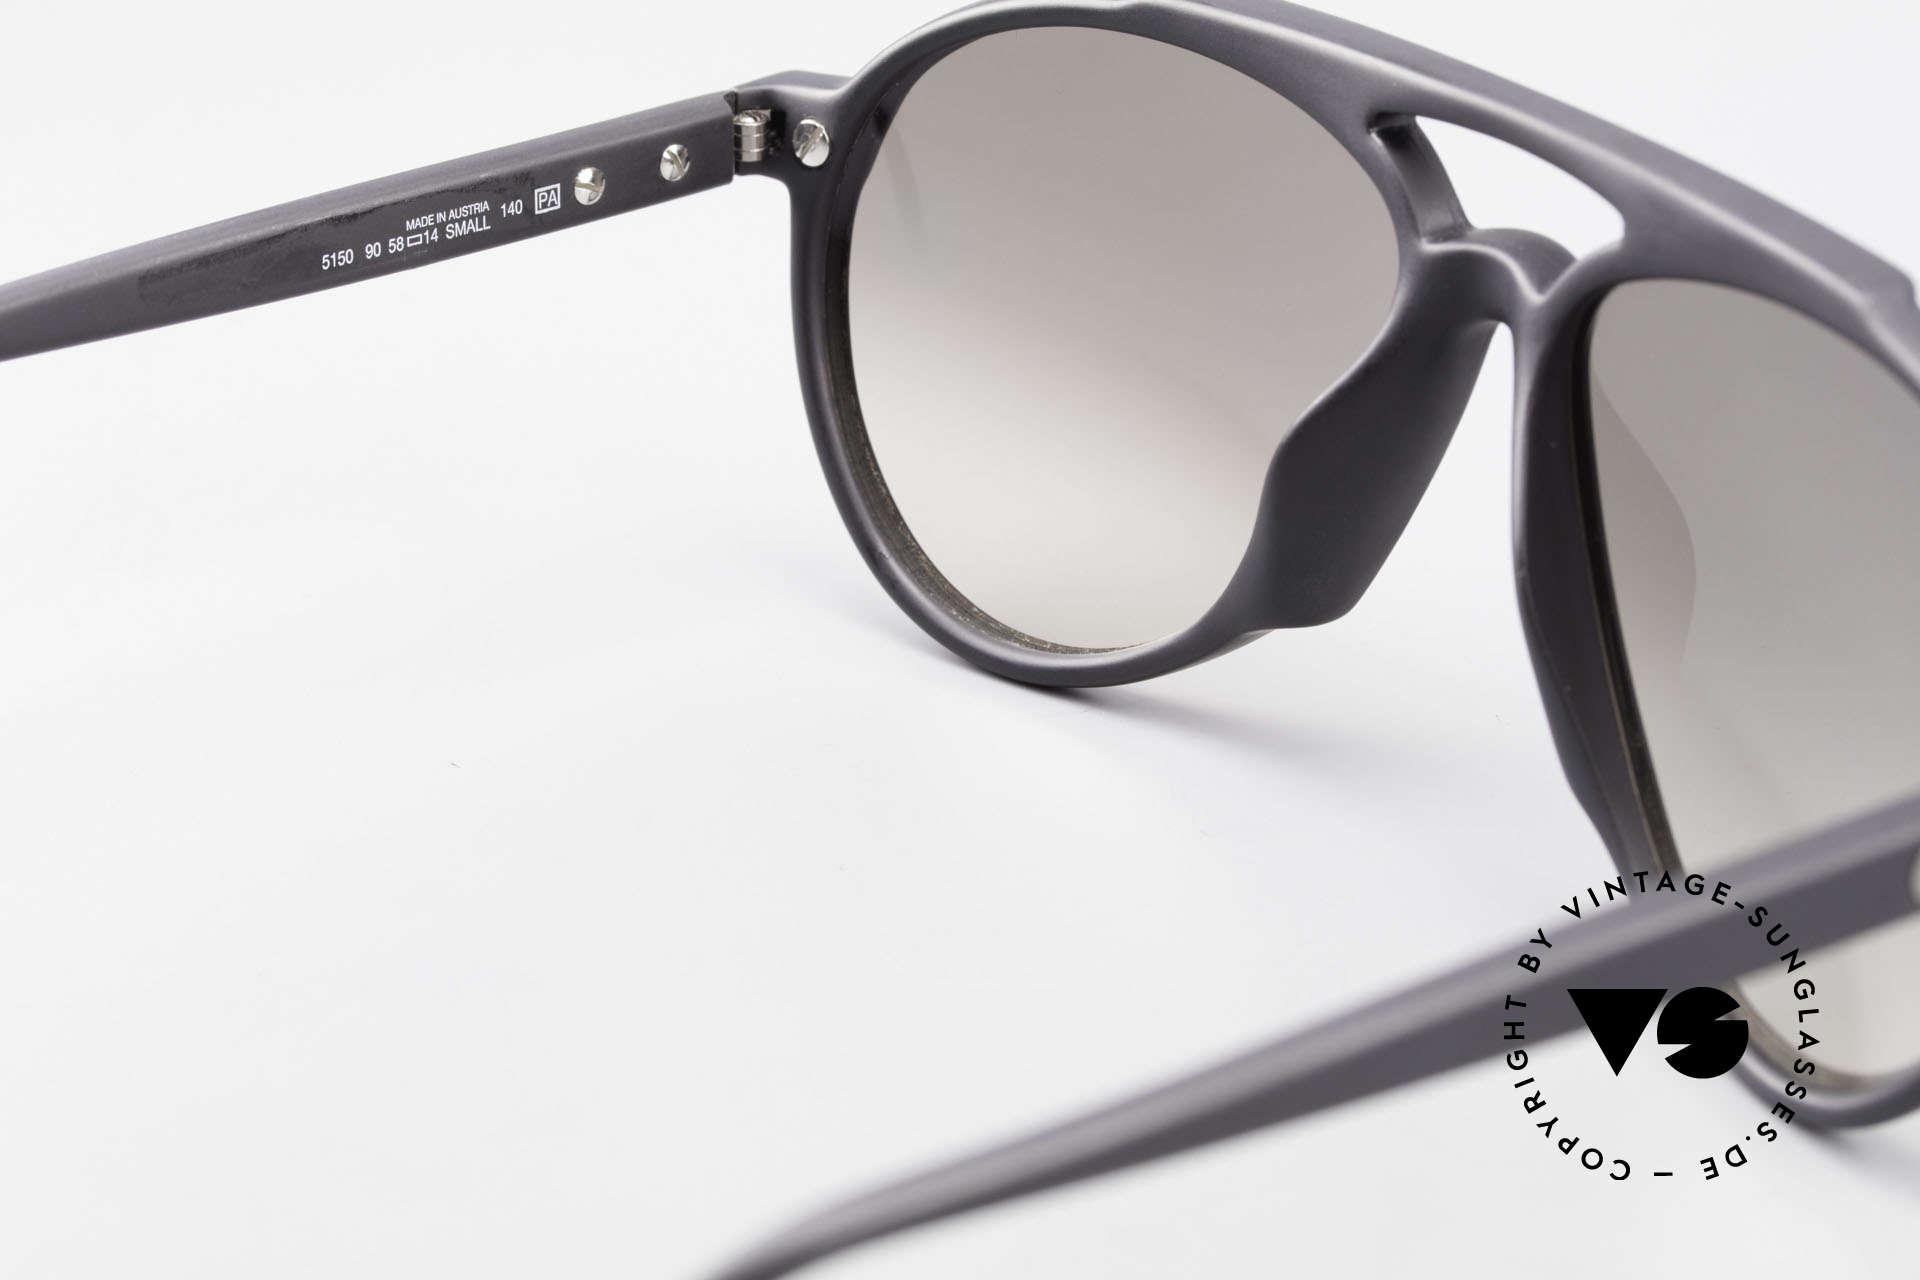 BOSS 5150 90er Vintage Pilotenbrille, damals SMALL ist heute eher MEDIUM Größe, Passend für Herren und Damen